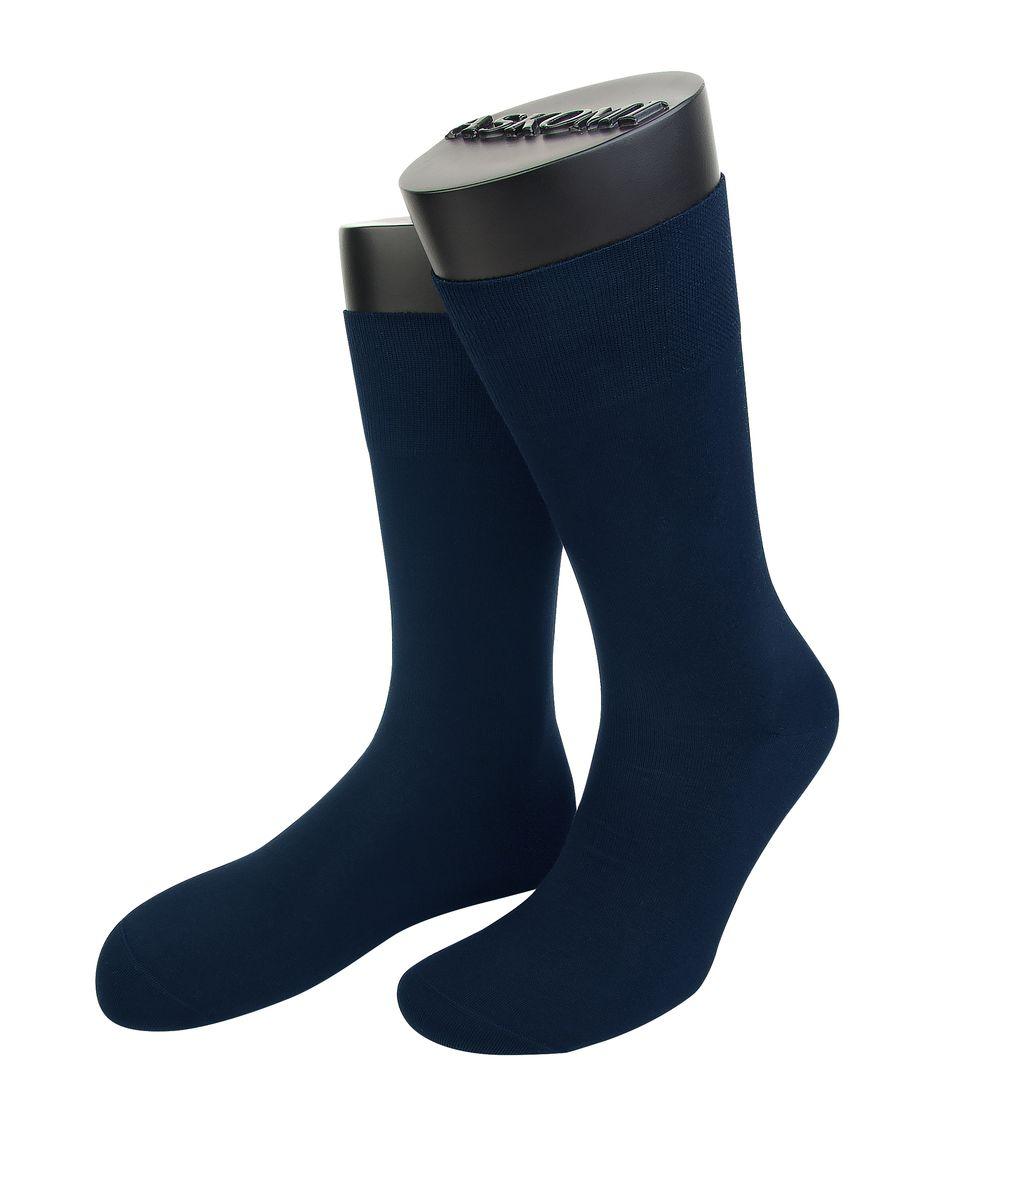 Носки мужские Askomi Classic, цвет: темно-синий. АМ-7900_2404. Размер 25 (39-40)АМ-7900_2404Мужские носки Askomi Classic для повседневной носки выполнены из хлопка Pima с добавлением полиамида. Хлопок Pima (перуанский) выращен в специальных климатических условиях. Его отличает длинное тонкое волокно, он характеризуется высокой прочностью и шелковистью на ощупь. Носок и пятка укреплены, что значительно увеличивает износостойкость носков. Двойной борт для плотной фиксации не пережимает сосуды. Кеттельный шов не ощутим для ноги.